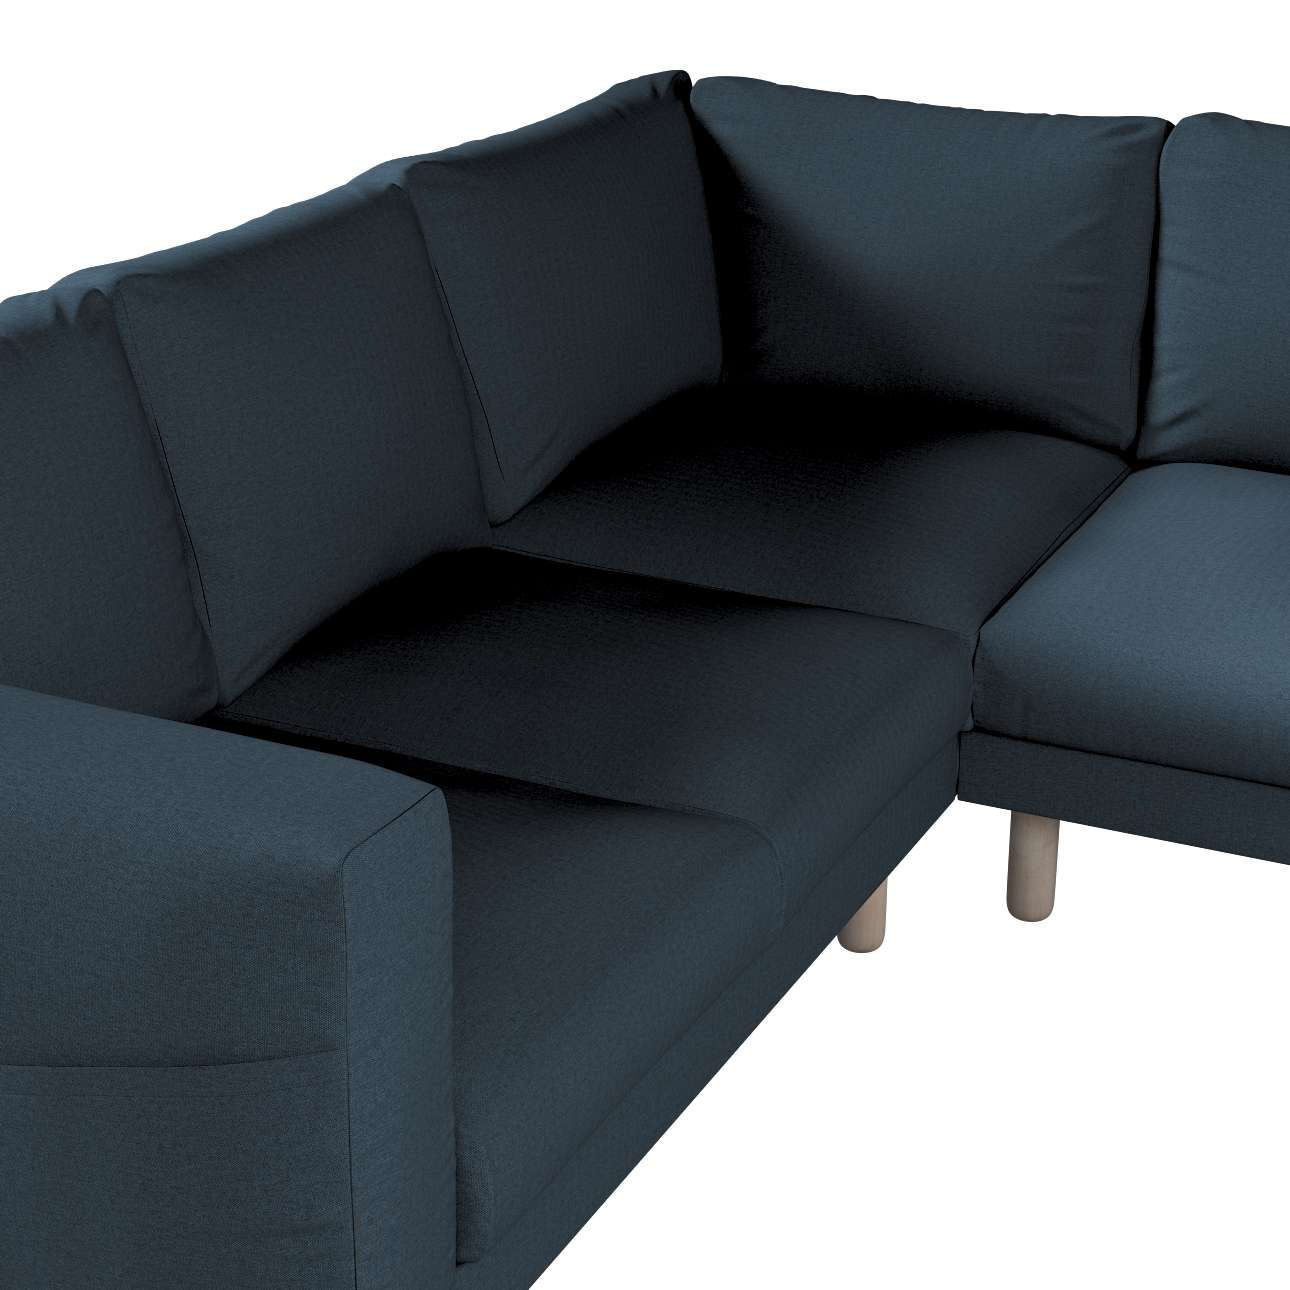 Pokrowiec na sofę narożną Norsborg 4-osobową w kolekcji Etna, tkanina: 705-30